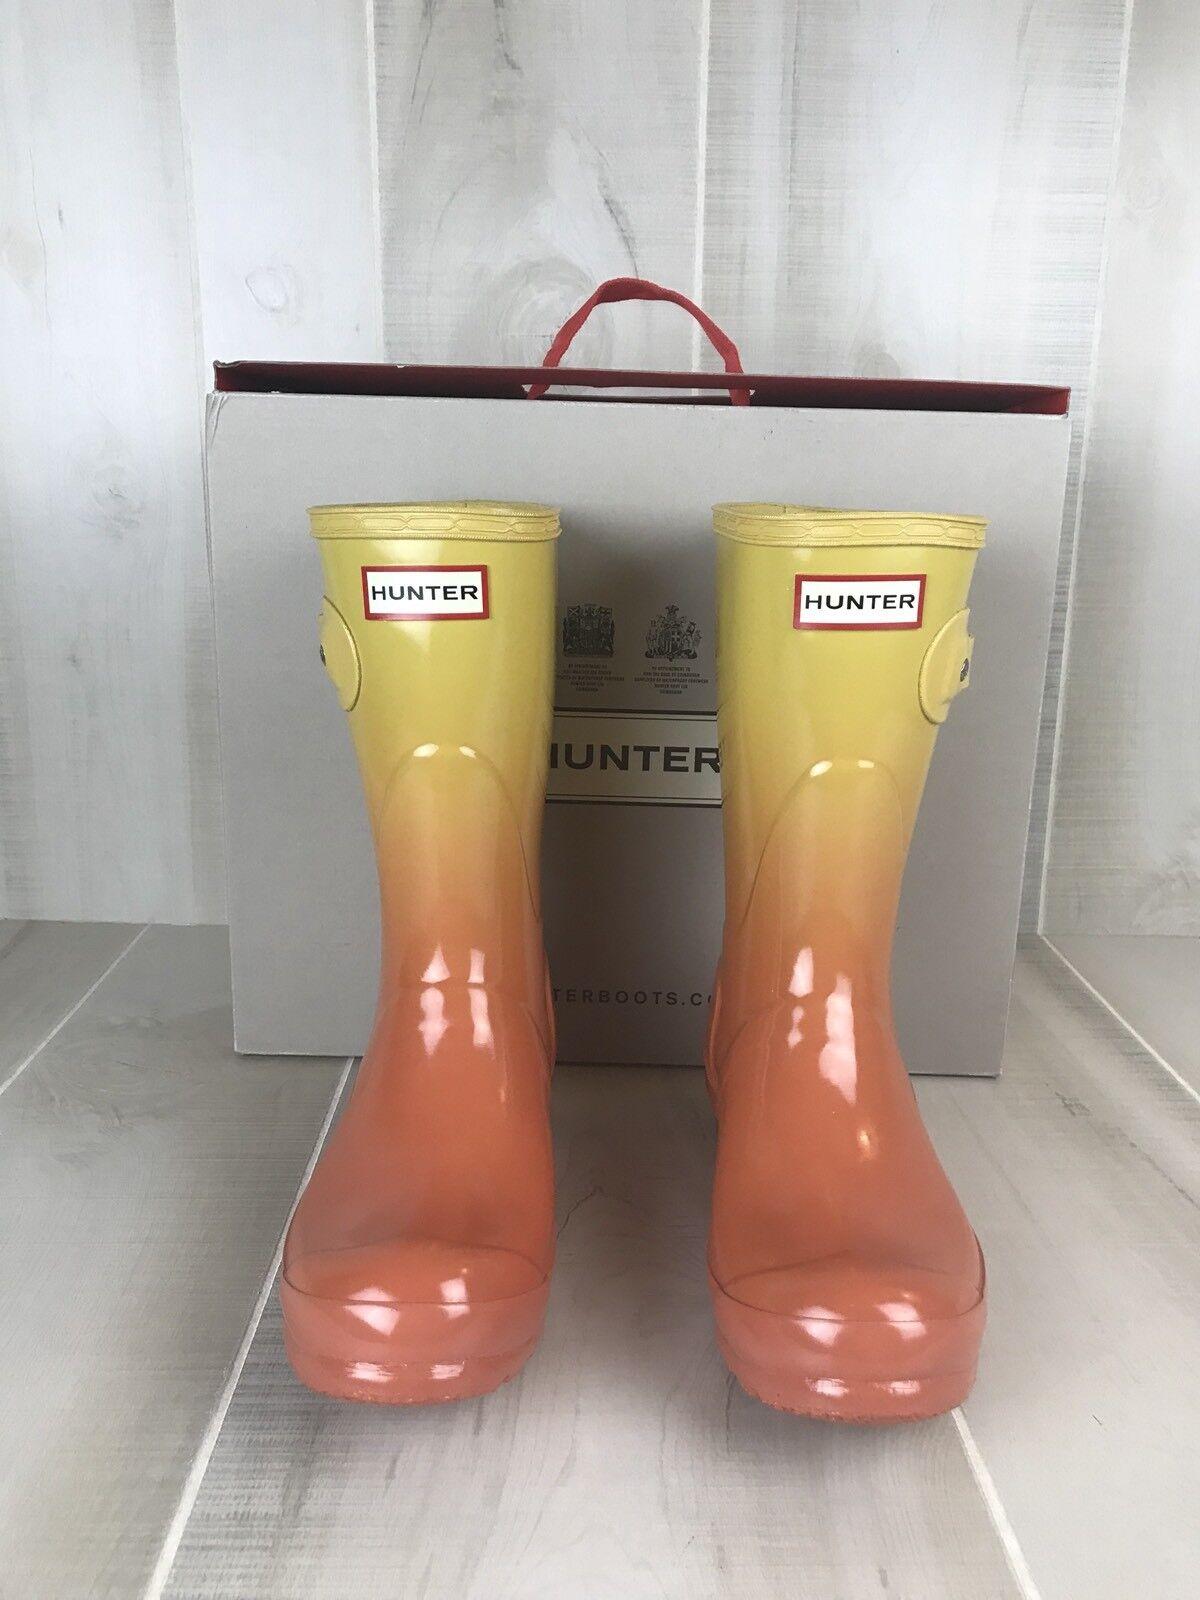 HUNTER Original Short Rainboots Clear Clear Clear Sunset Haze Size 6 orange Yellow f2ba5e